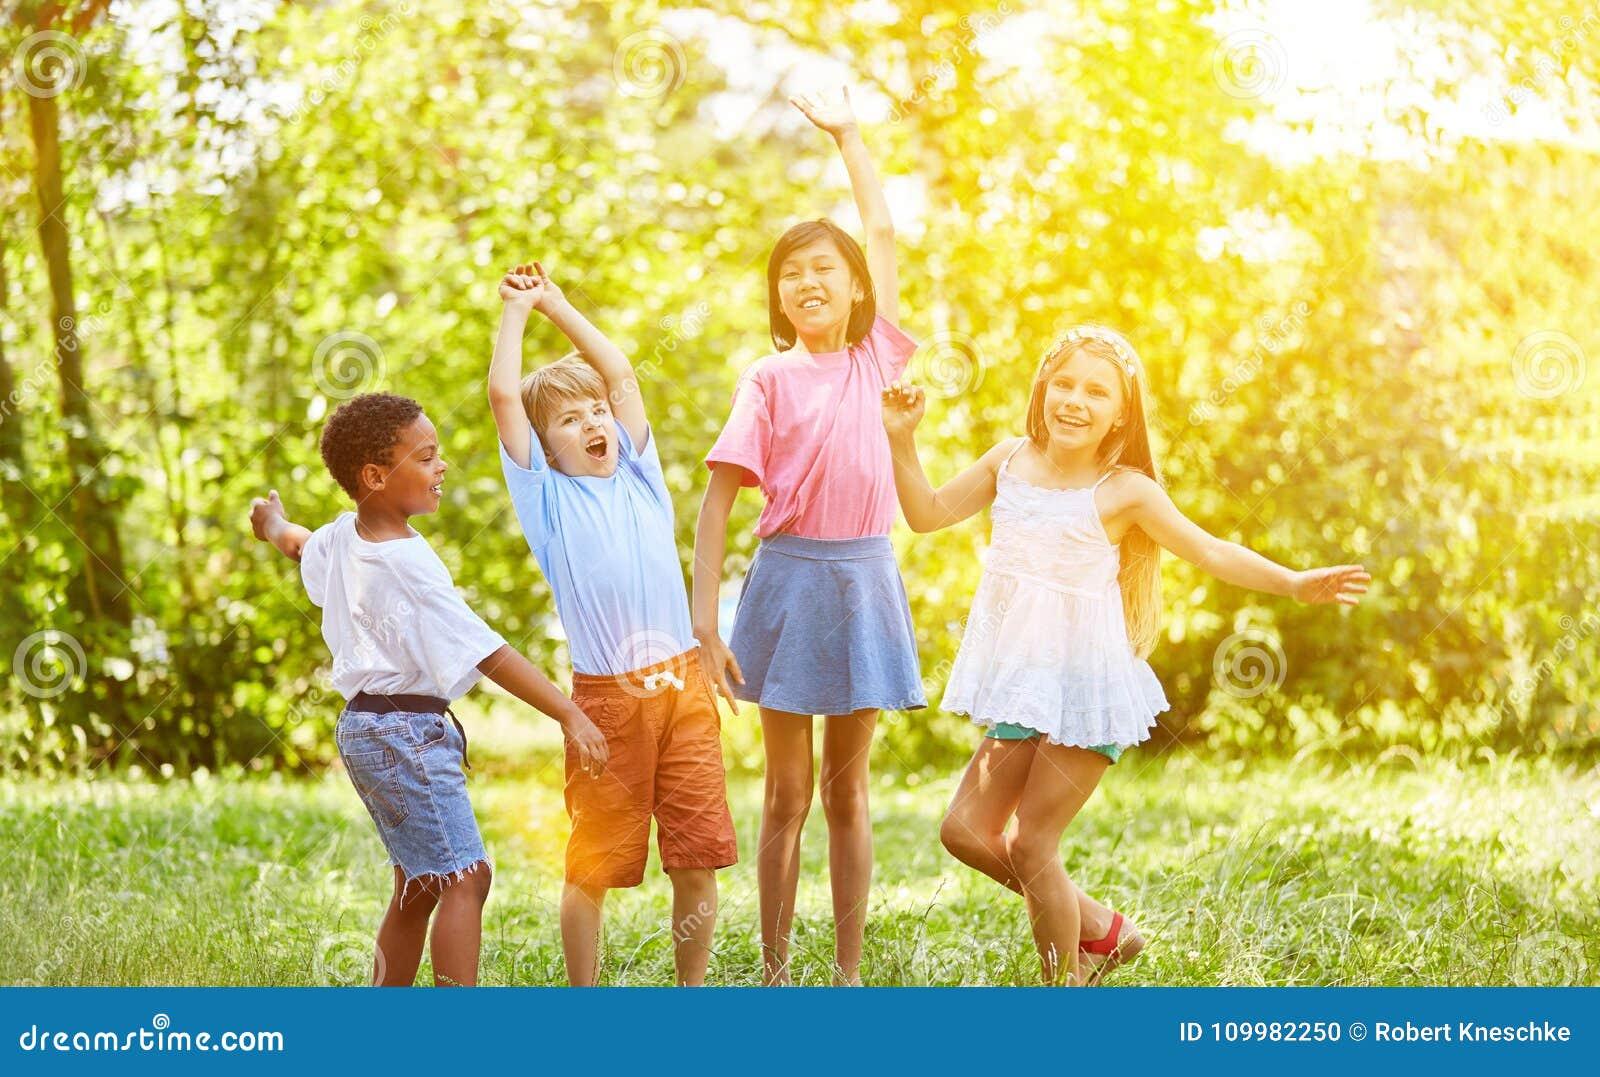 Grupo de niños que animan y que bailan en verano